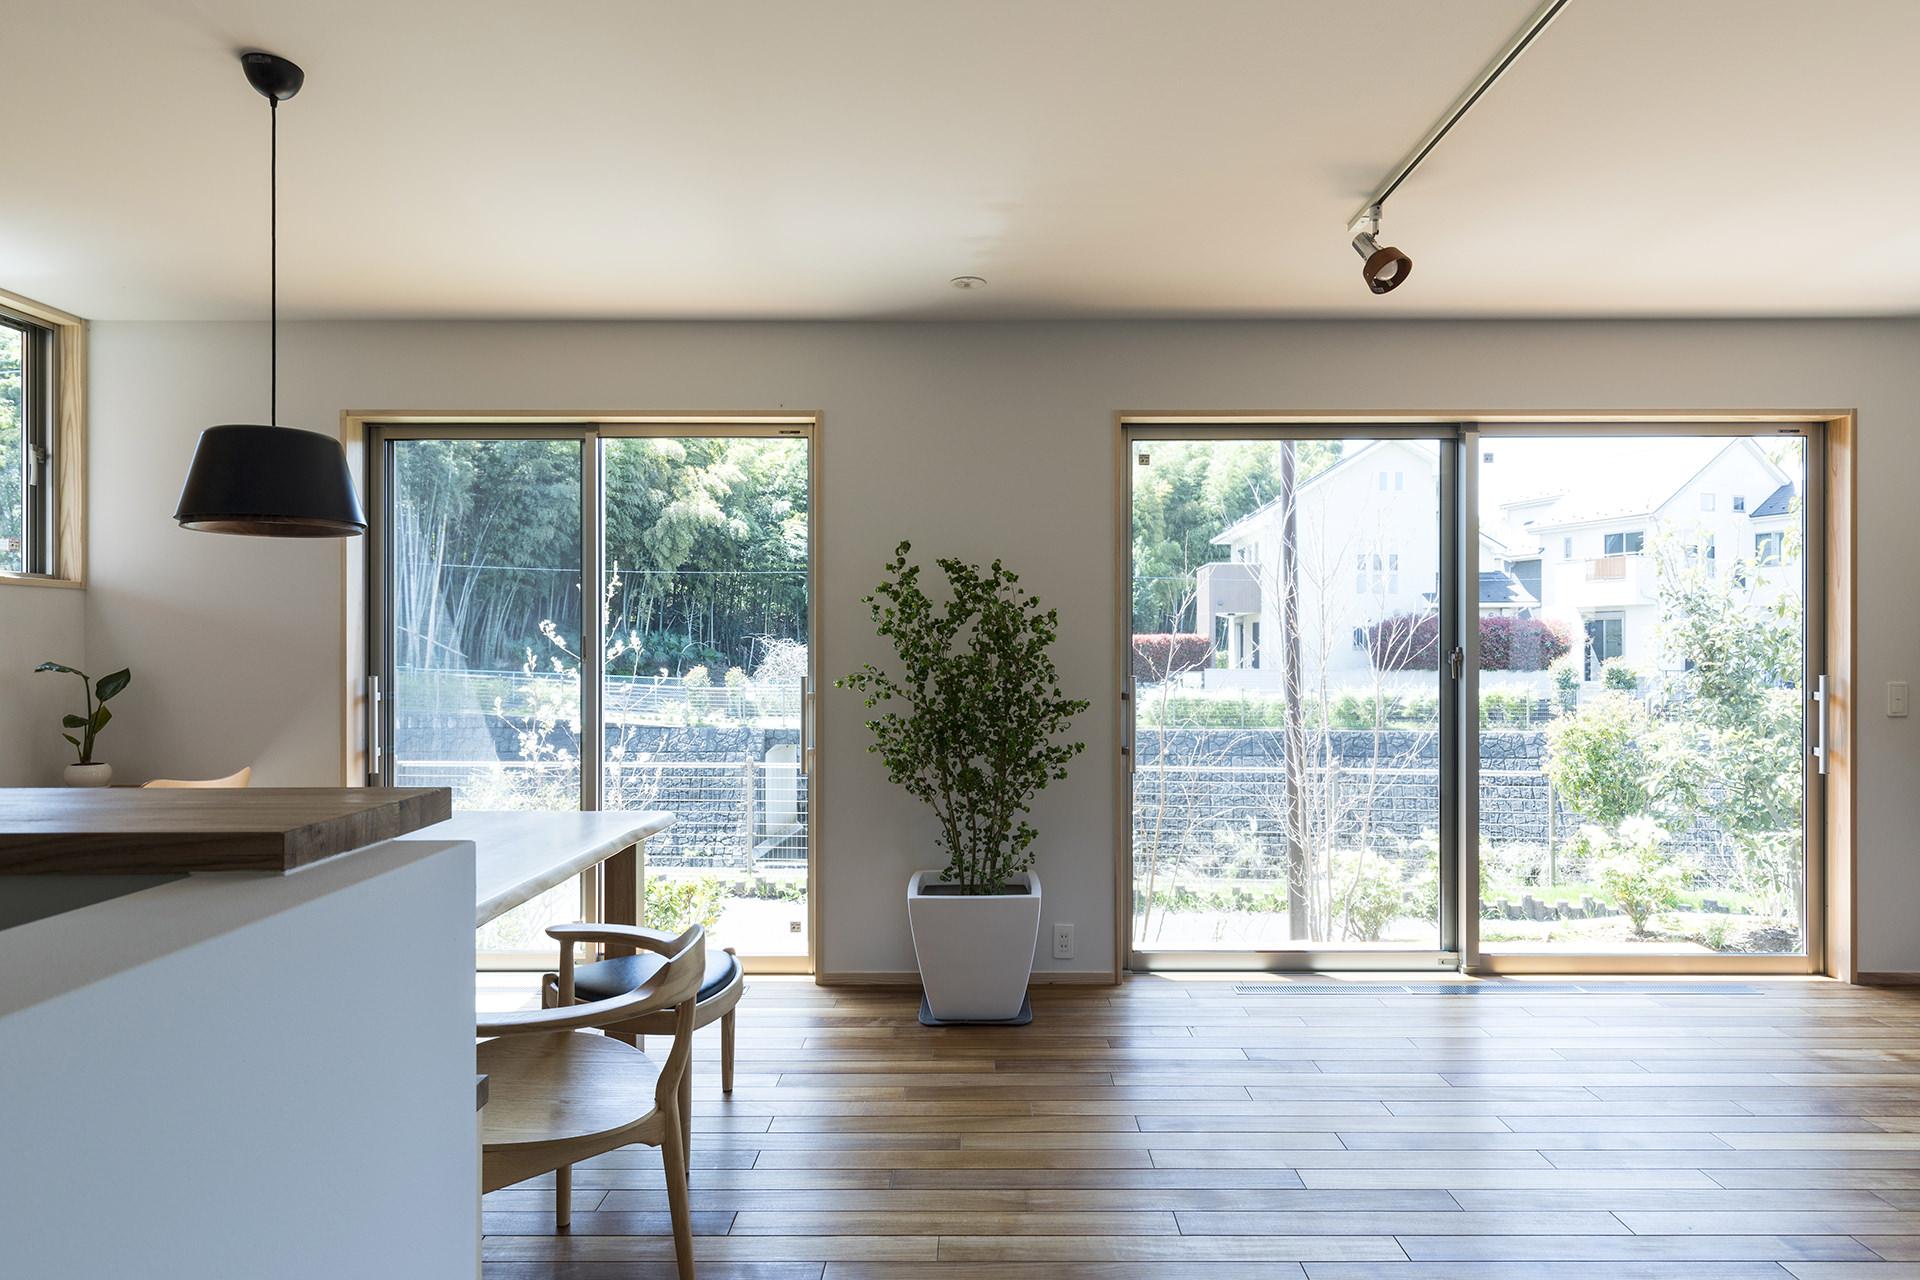 鶴川の家 Ⅳ イメージ3 撮影:東涌写真事務所・東涌宏和